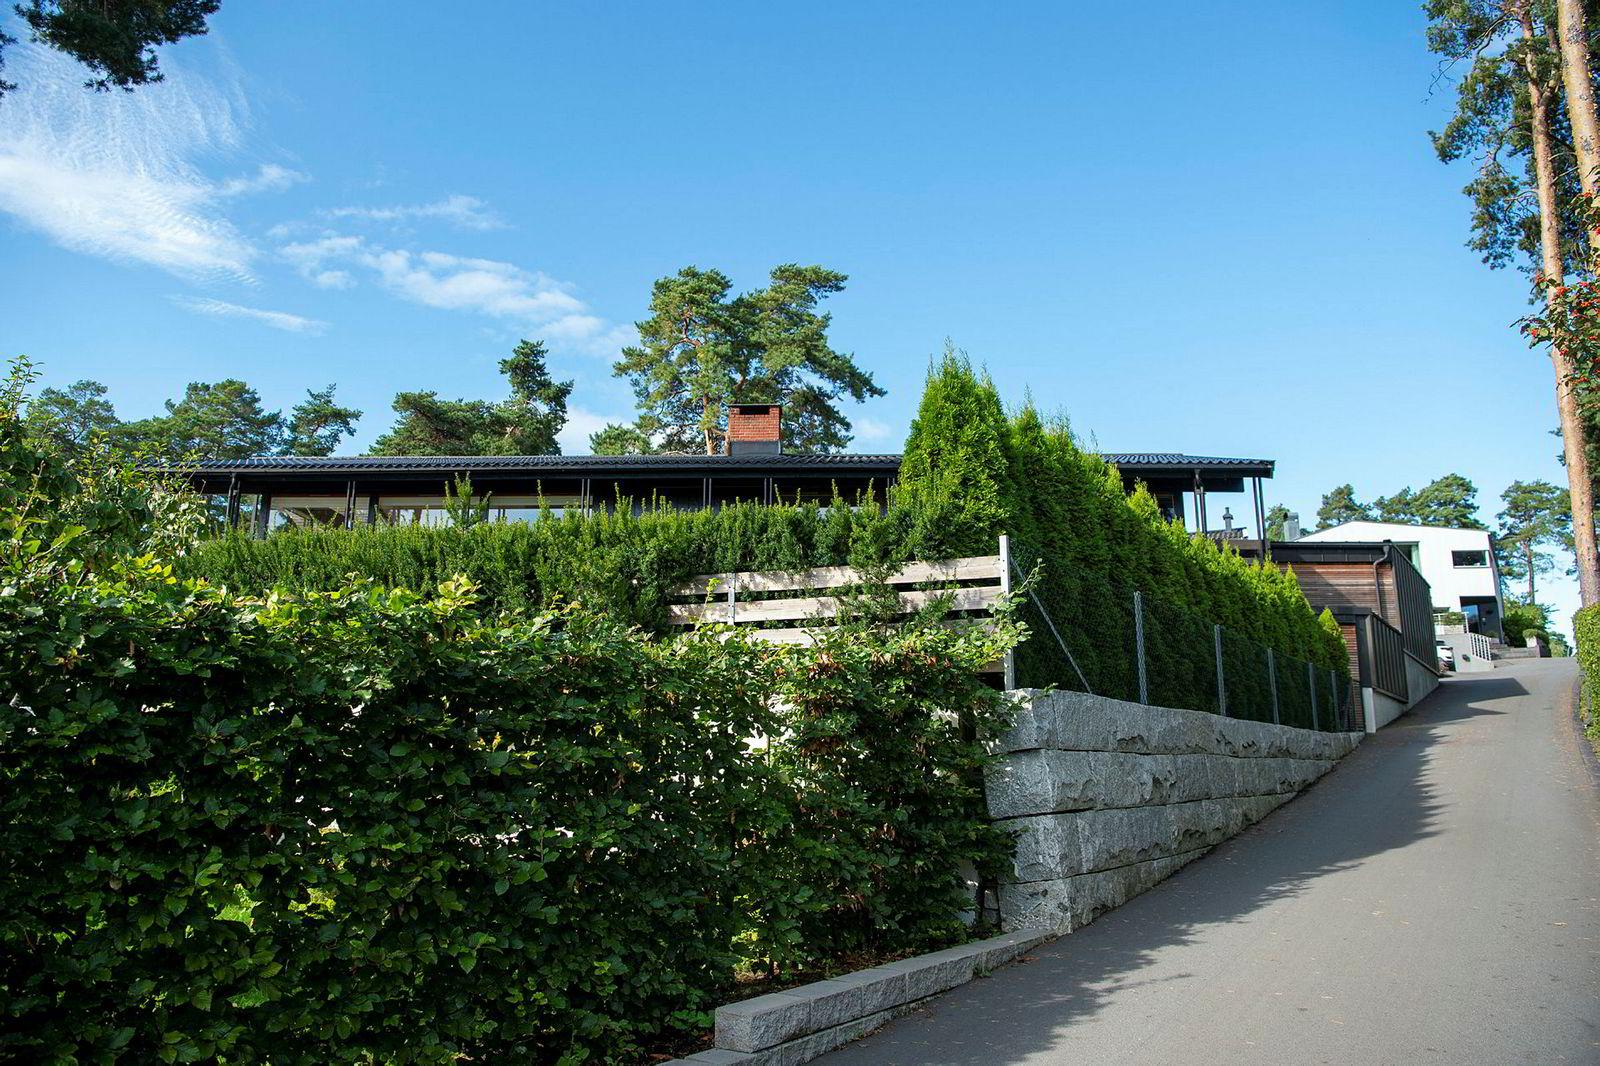 Bygdøyvillaen ligger godt skjult bak hekker i den private veien P. T. Mallings vei på Bygdøy.